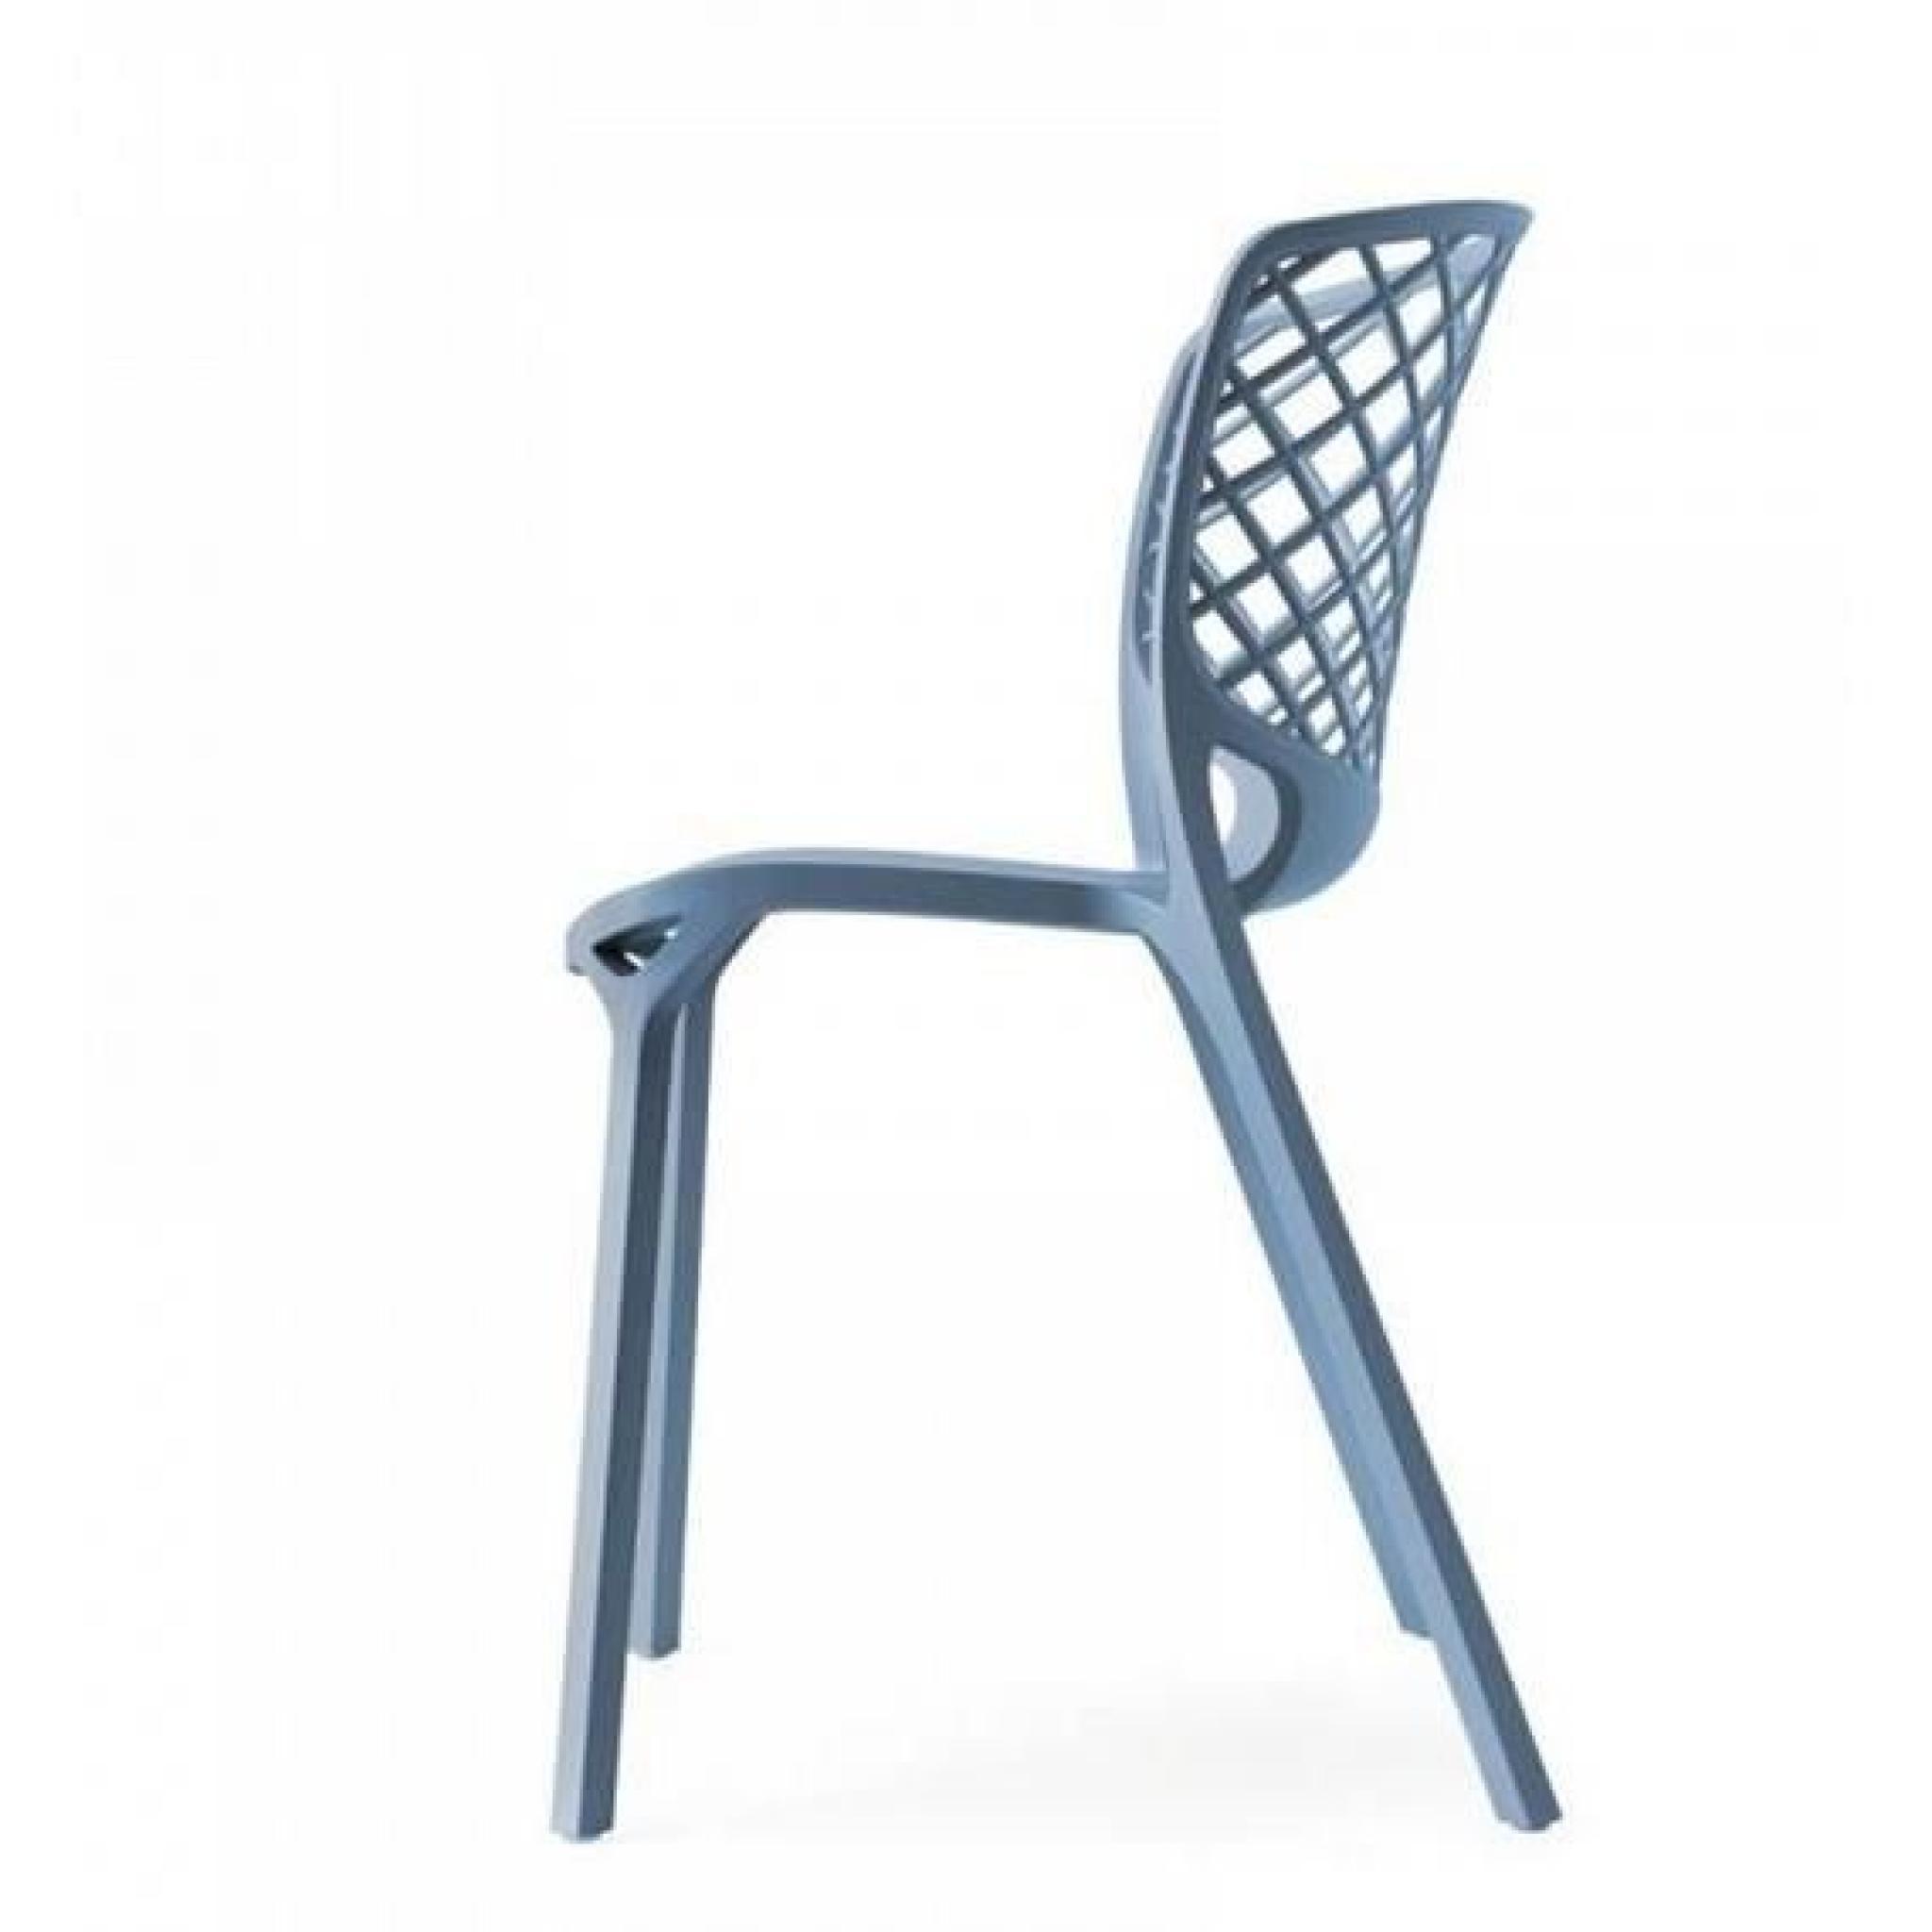 chaise empilable gamera de calligaris bleu ciel achat vente chaise salle a manger pas cher. Black Bedroom Furniture Sets. Home Design Ideas